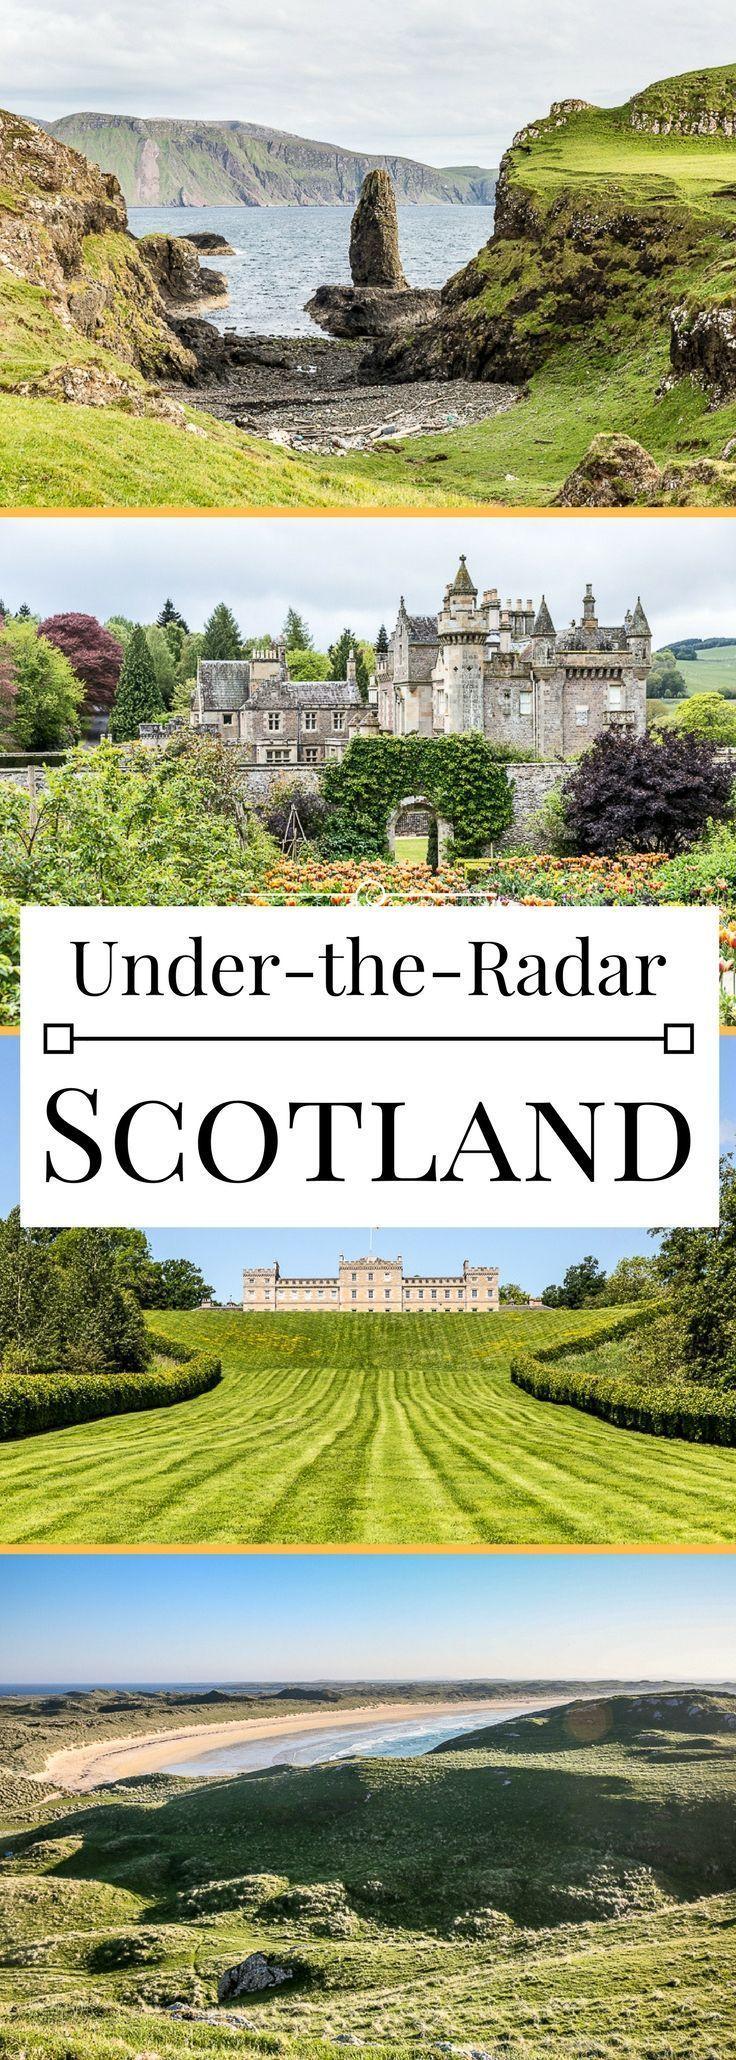 5 lugares bajo el radar en Escocia, desde los castillos hasta las islas., #Burge